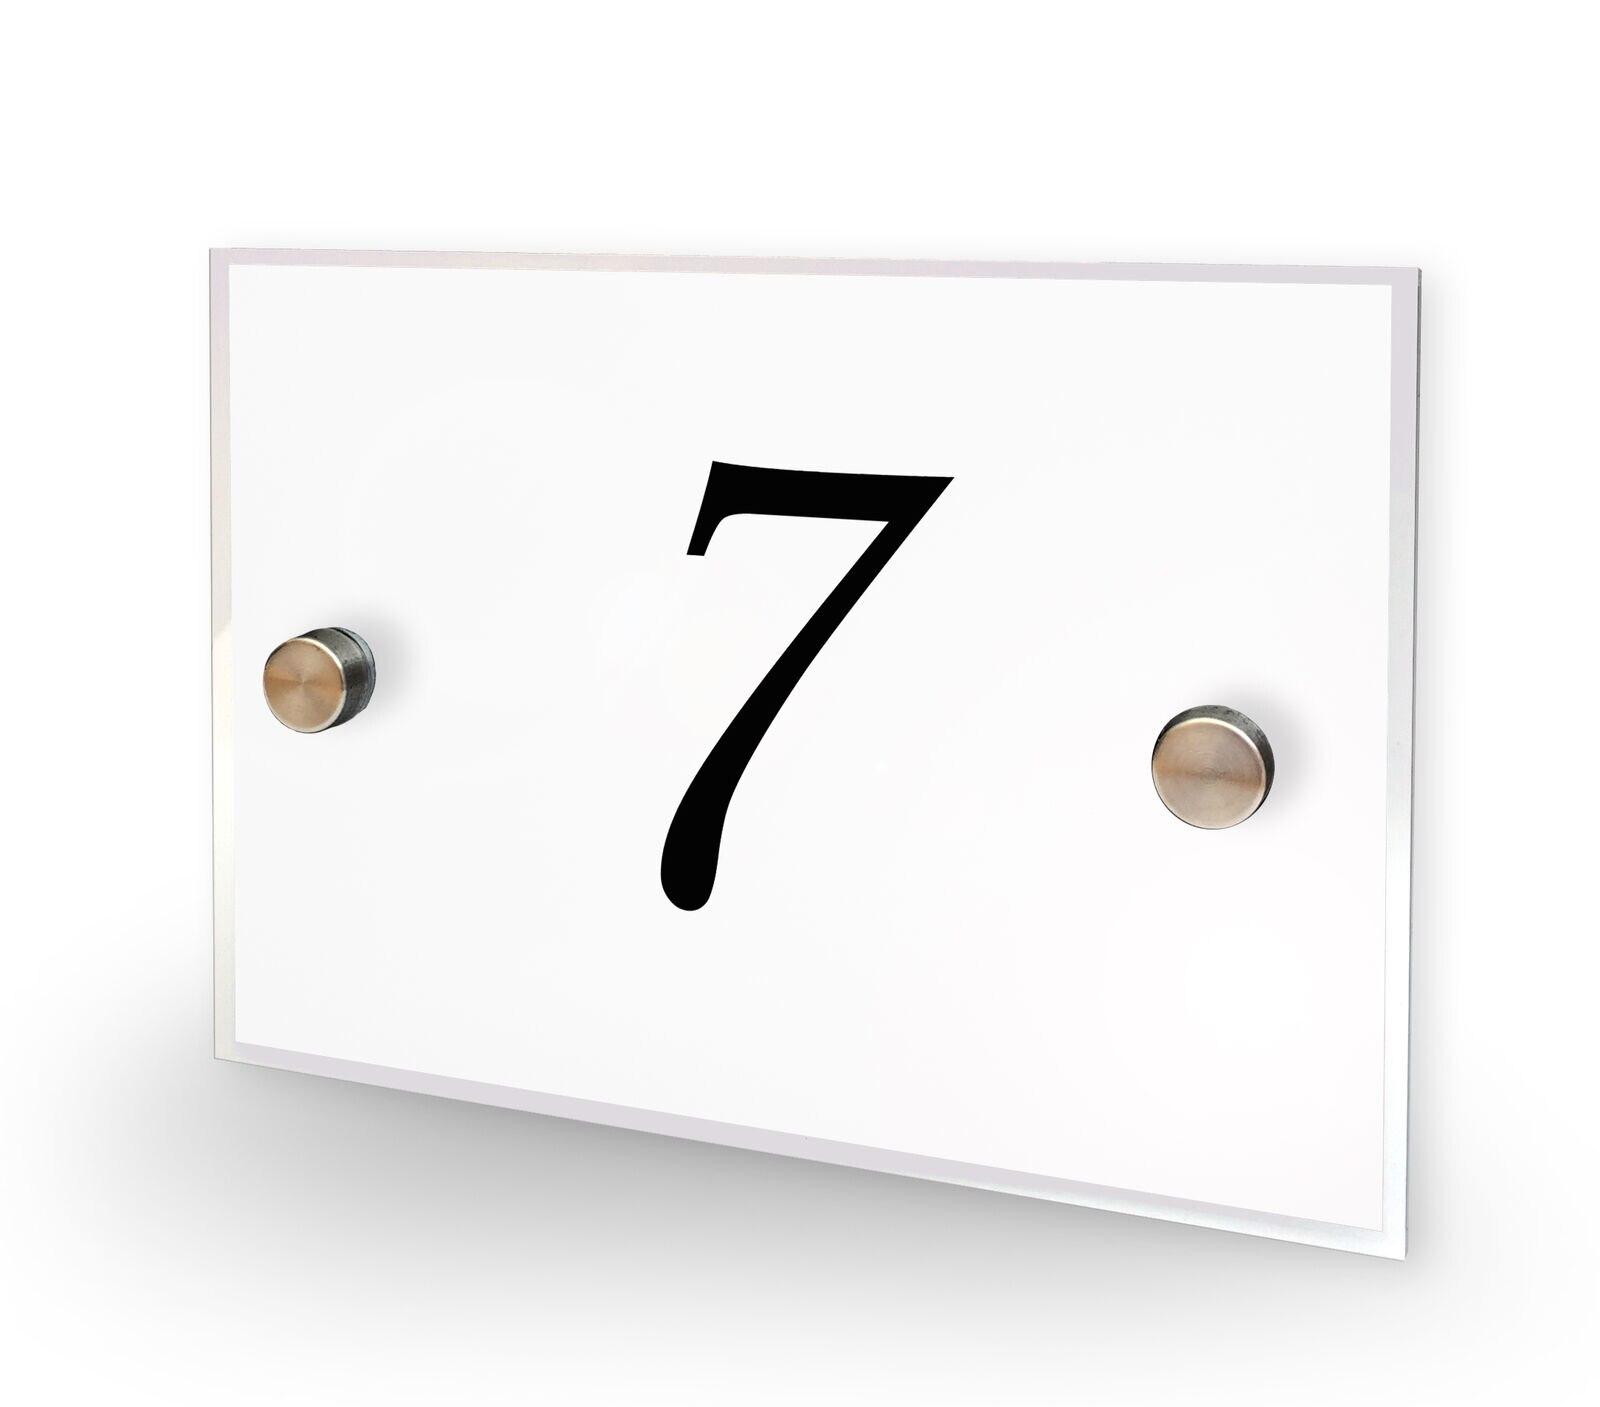 DIY منزل رقم المنزل رقم 7 منزل تسجيل البلاك عنوان المعاصرة نمط لا 7